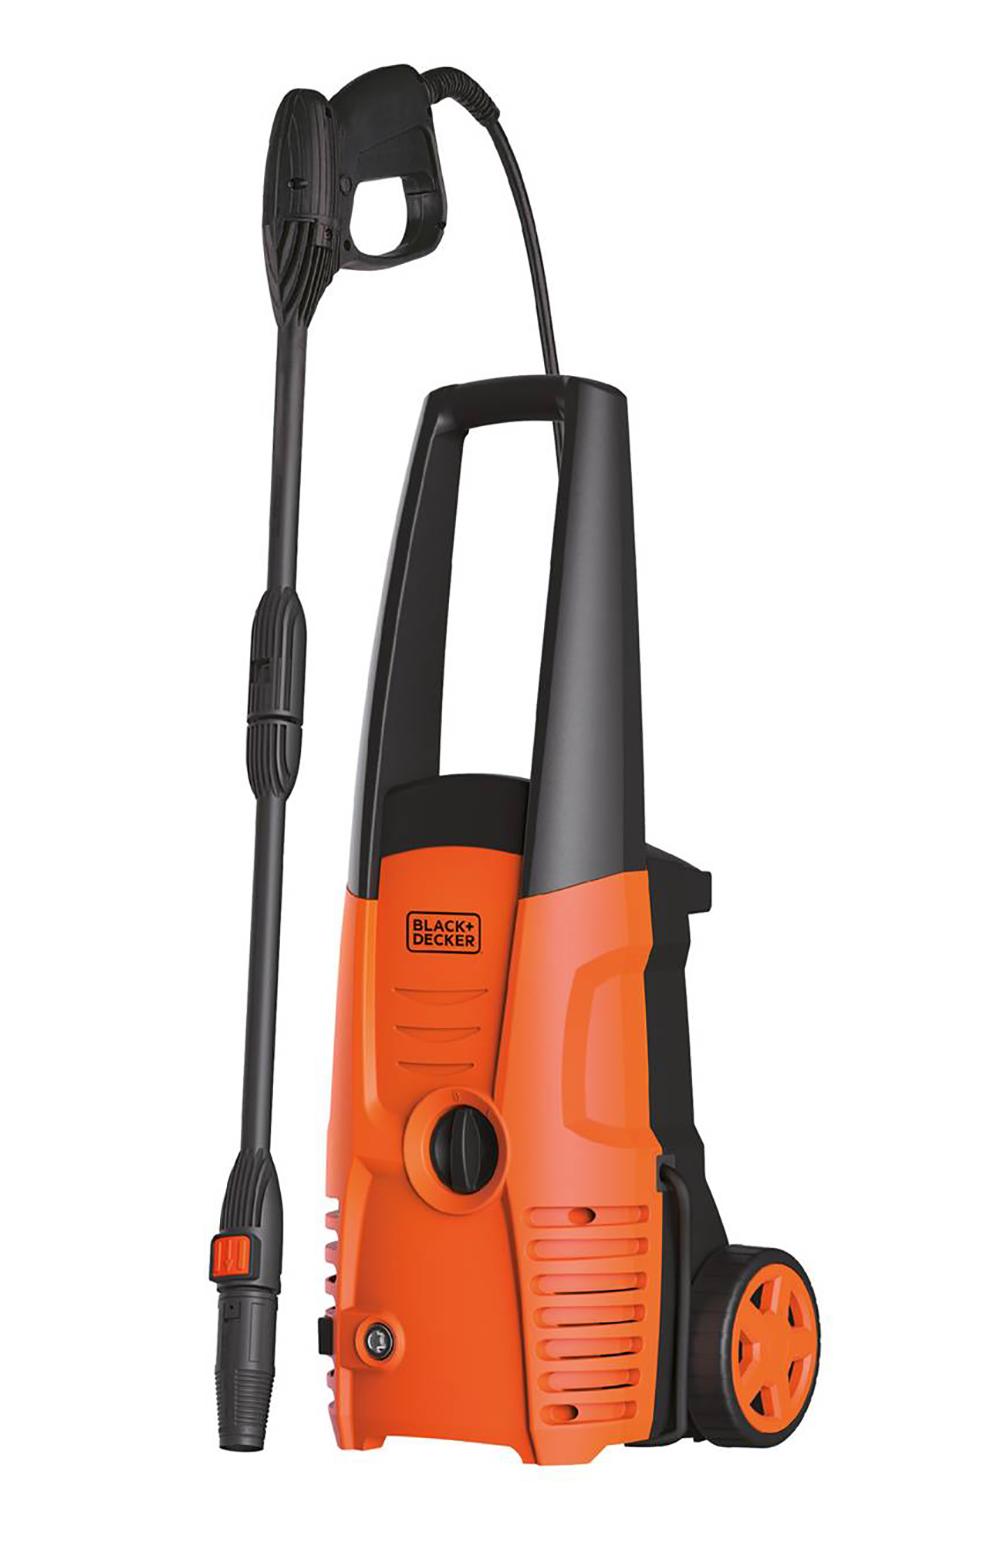 Hidrolavadora electrica portatil a presion 1450psi b d for Black friday herramientas electricas